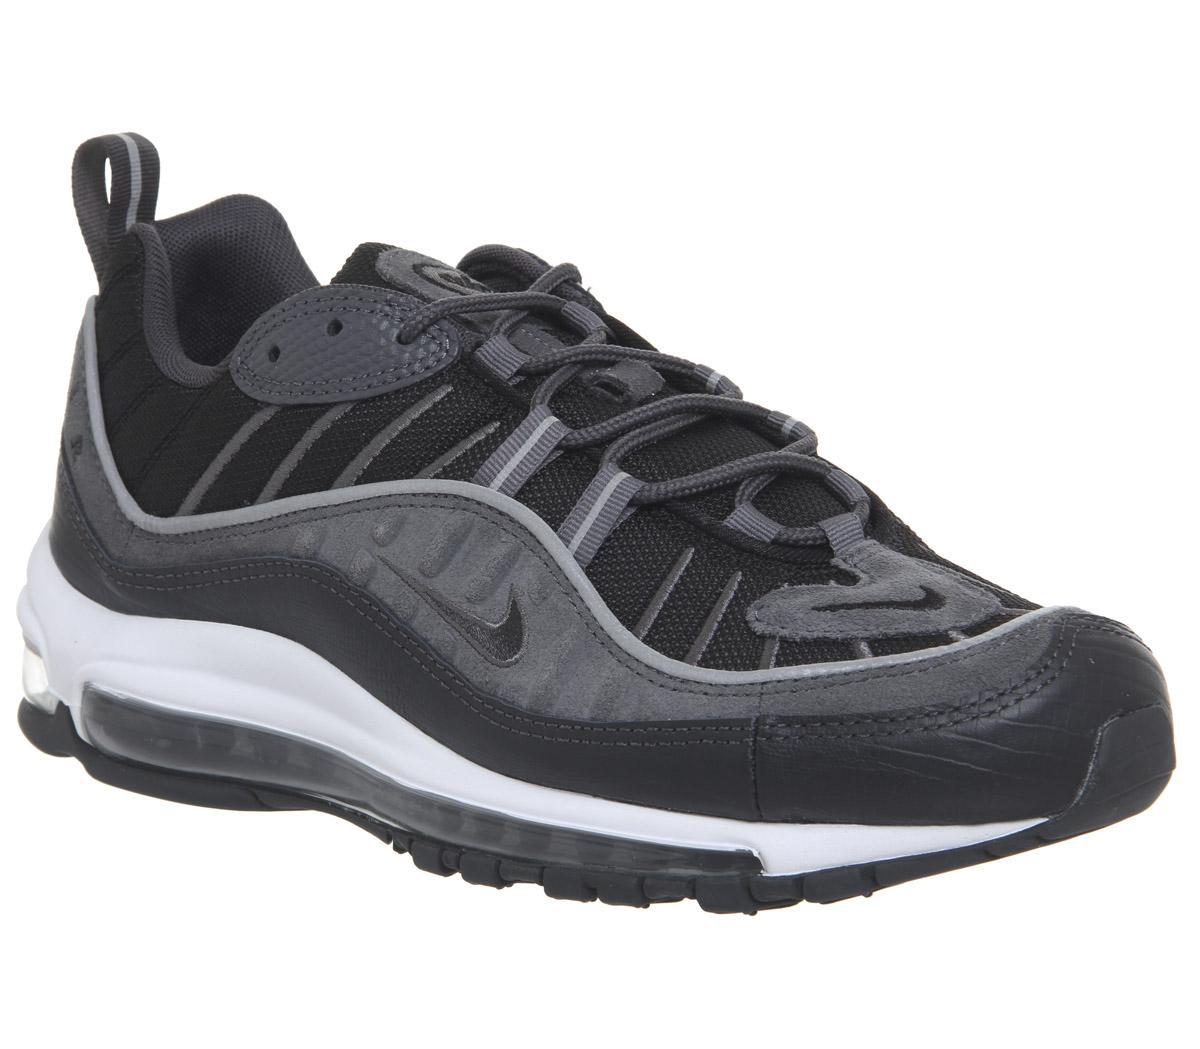 Nike AIR MAX 97 BlackAnthraciteGrey